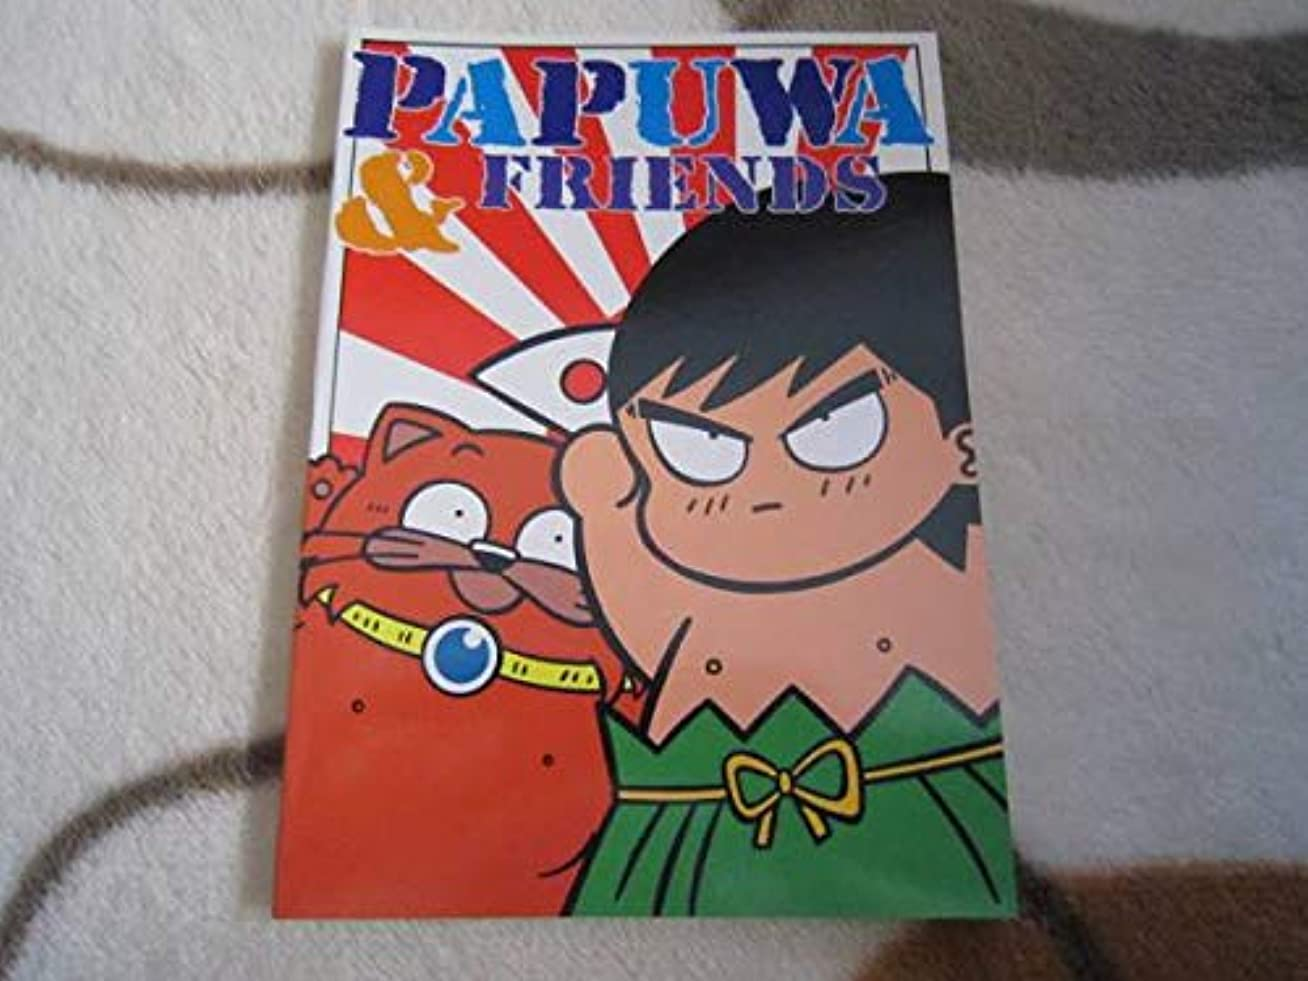 南国少年パプワくん ノート 柴田亜美 1992年 パプワ